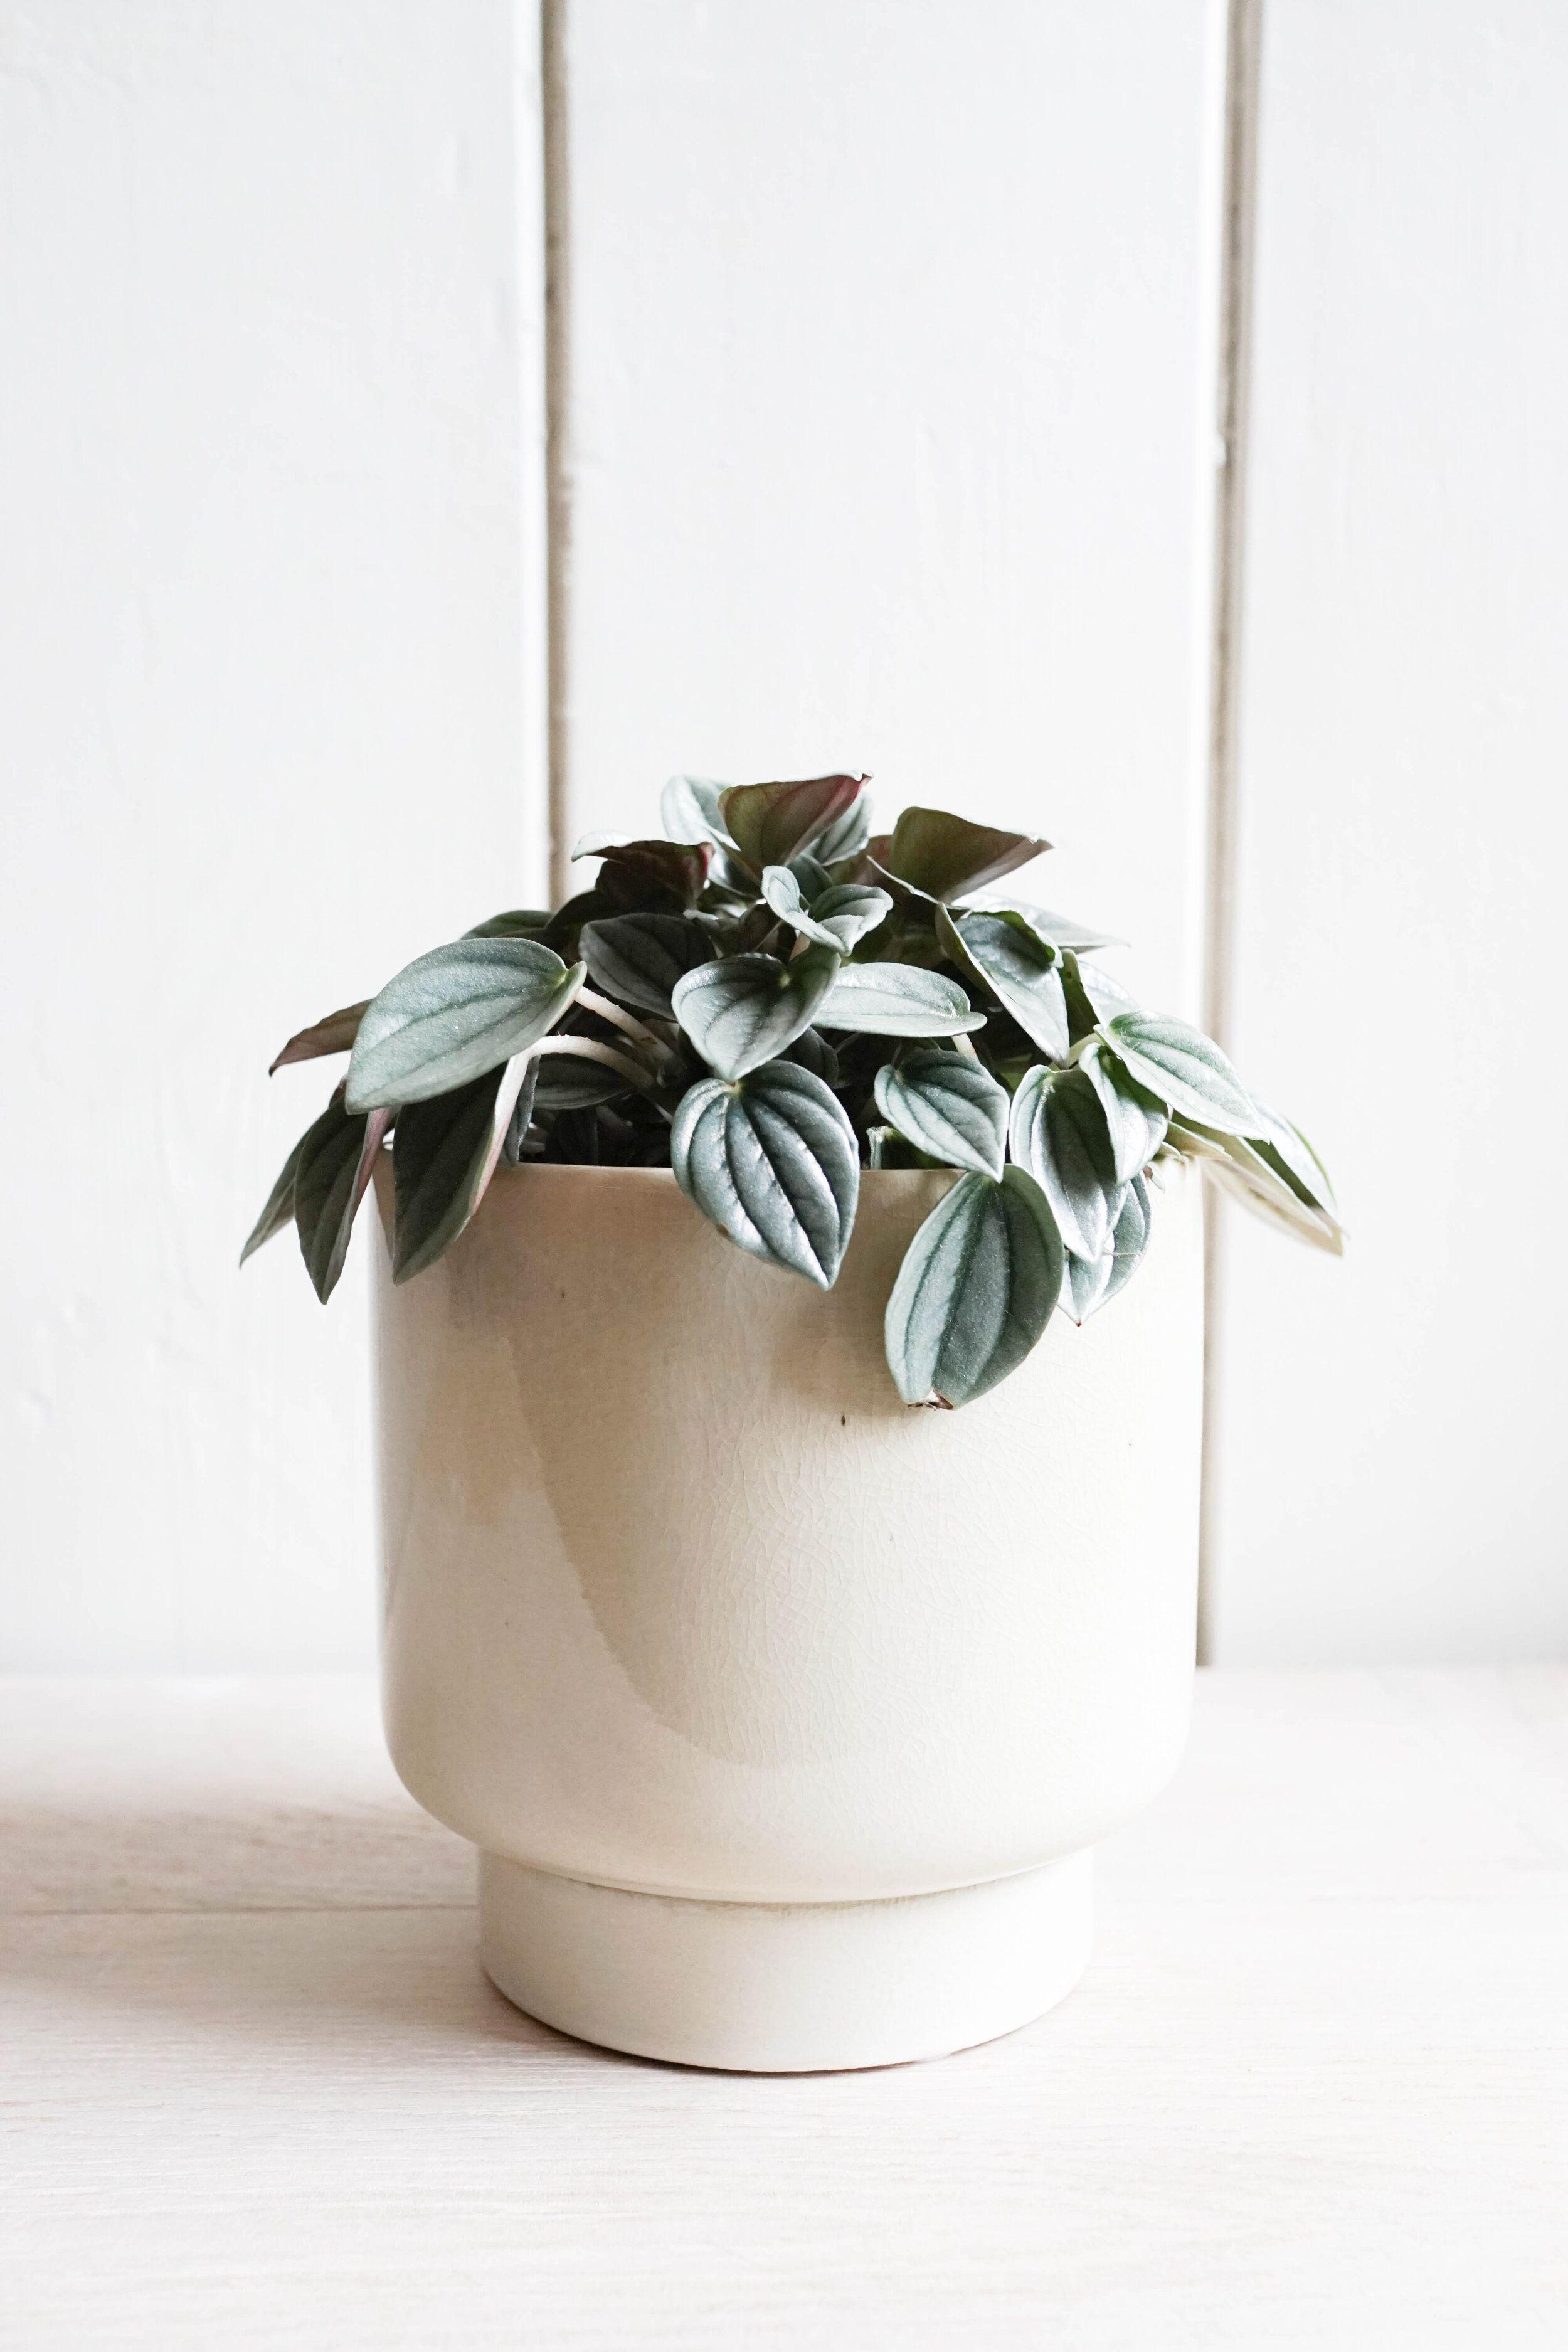 Nord Plant Pot In 2020 Plants Potted Plants Planter Pots